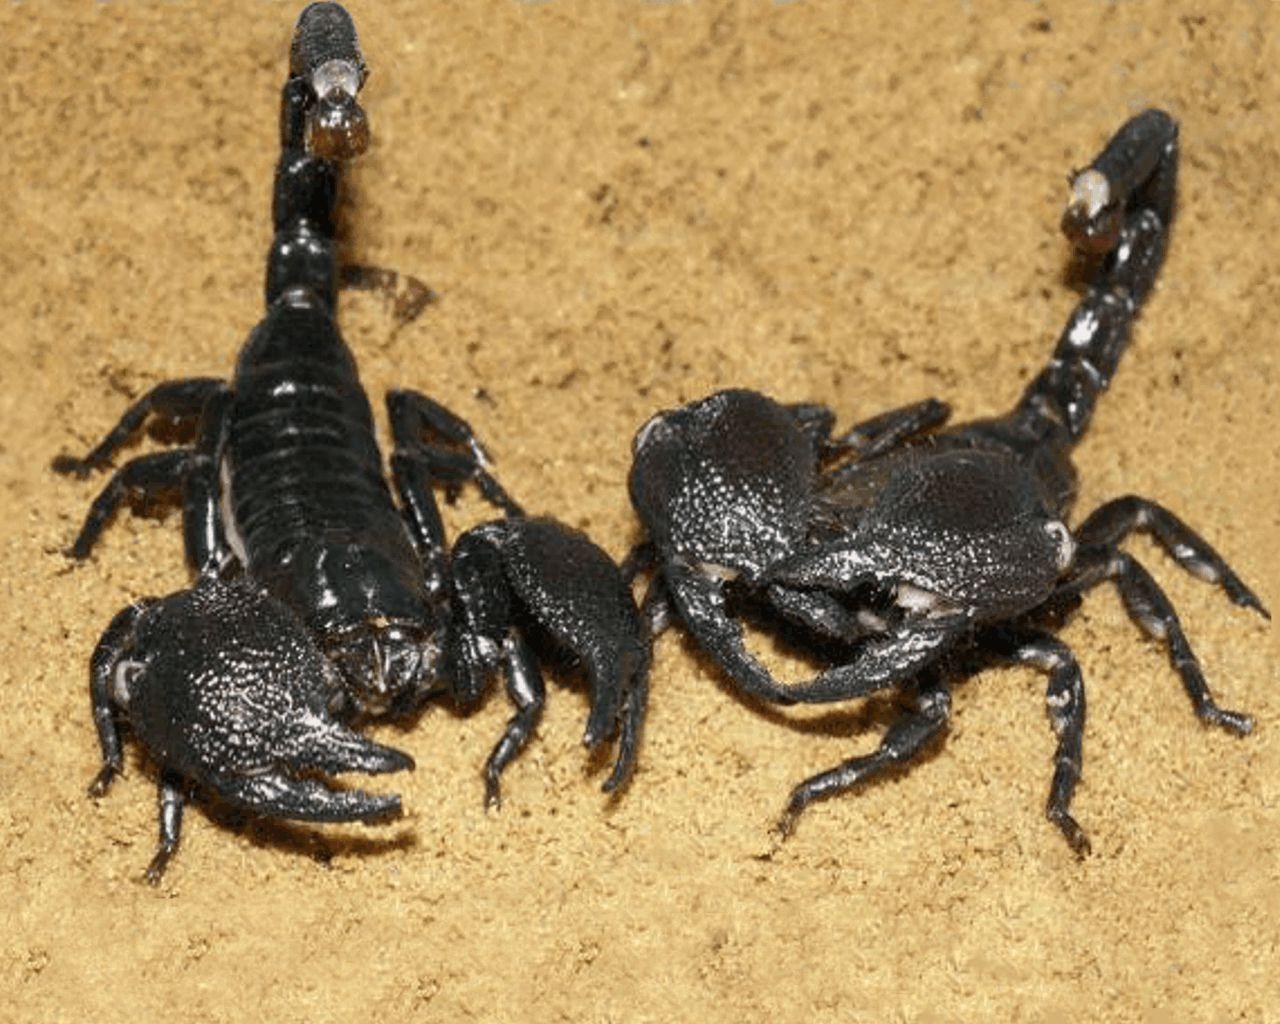 Download free Pair of Biggest Black Scorpion desktop wallpaper hd ...